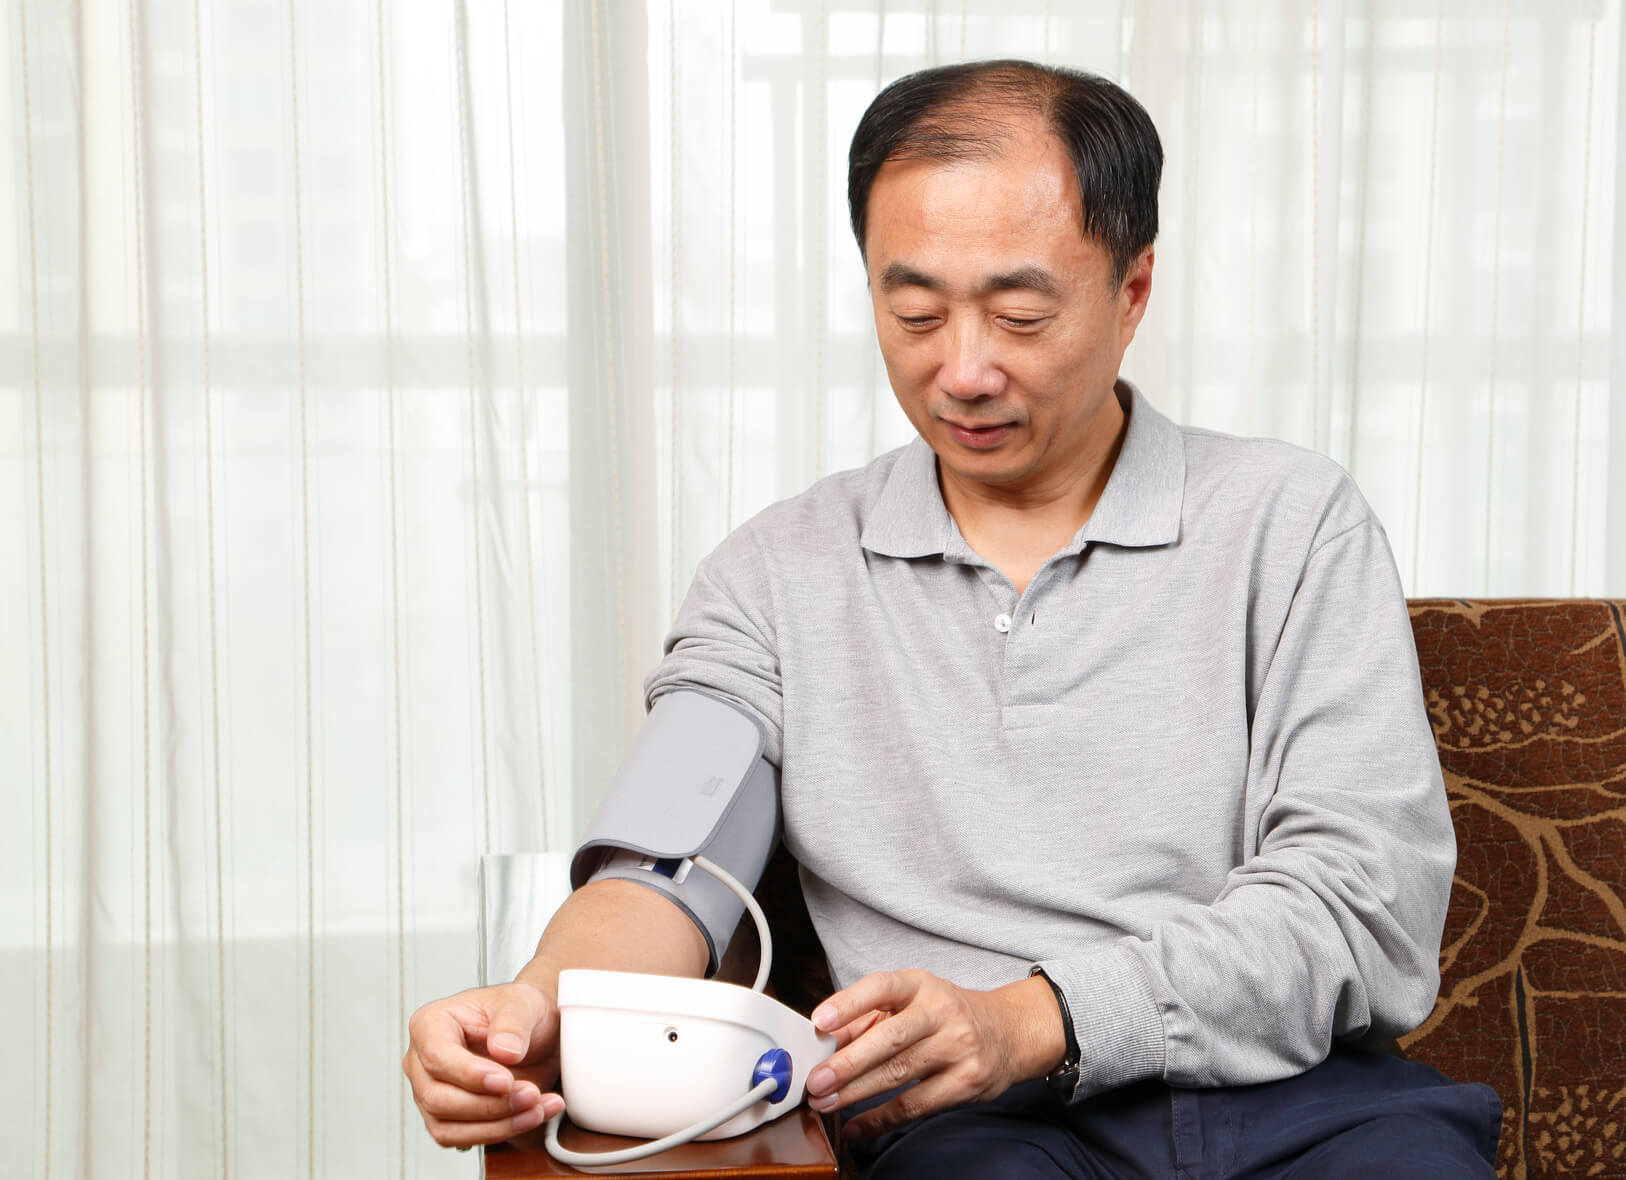 man-taking-blood-pressure